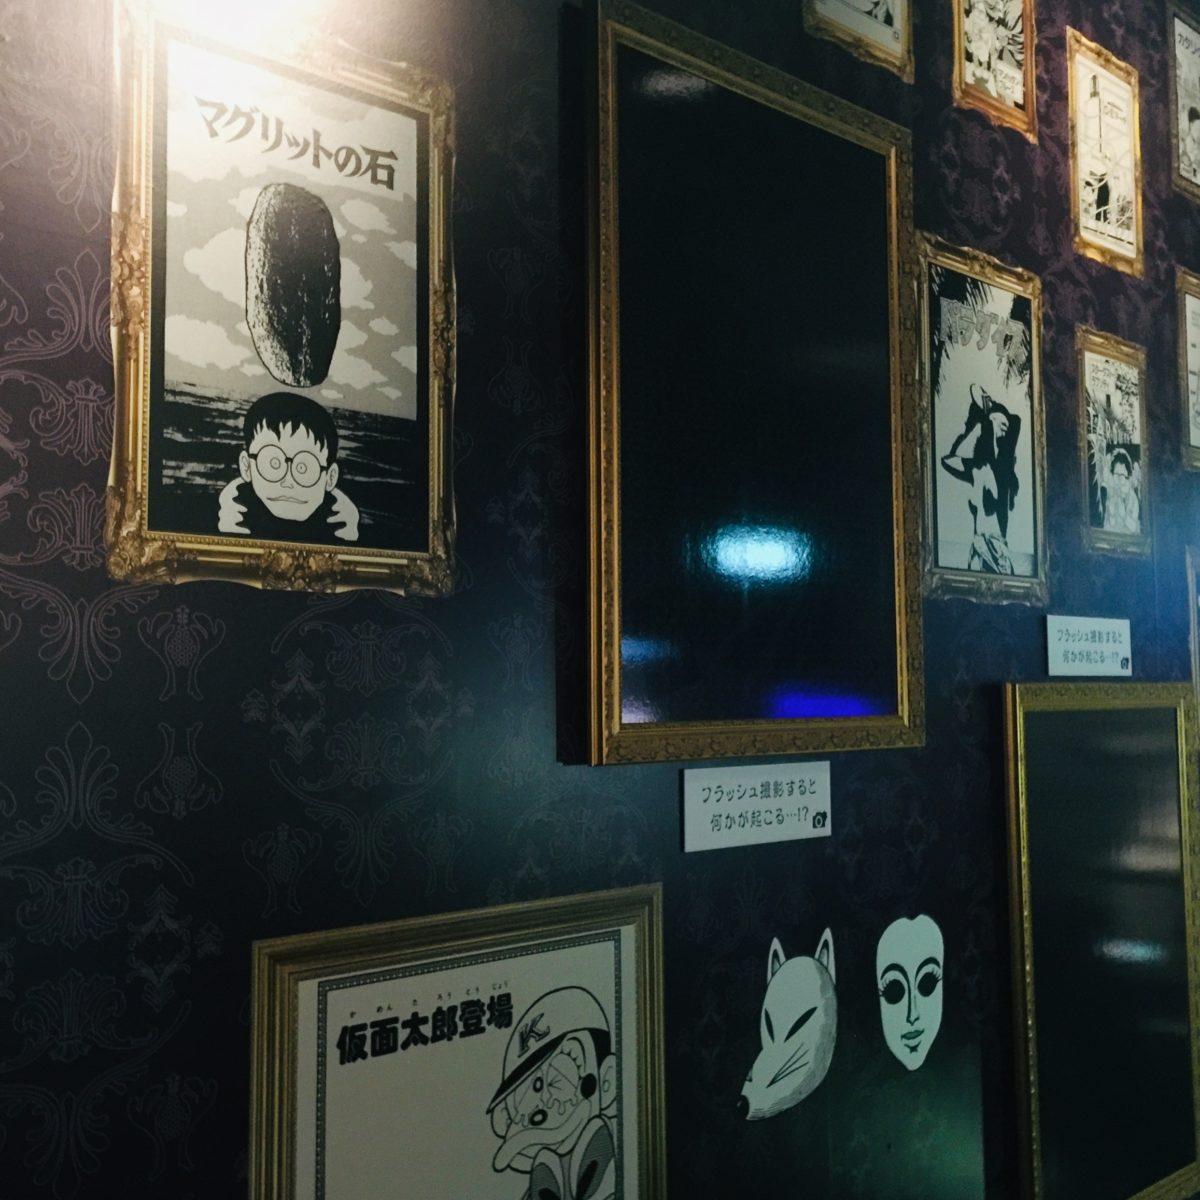 「藤子不二雄Ⓐ展」での魔太郎がくるのパネル展示